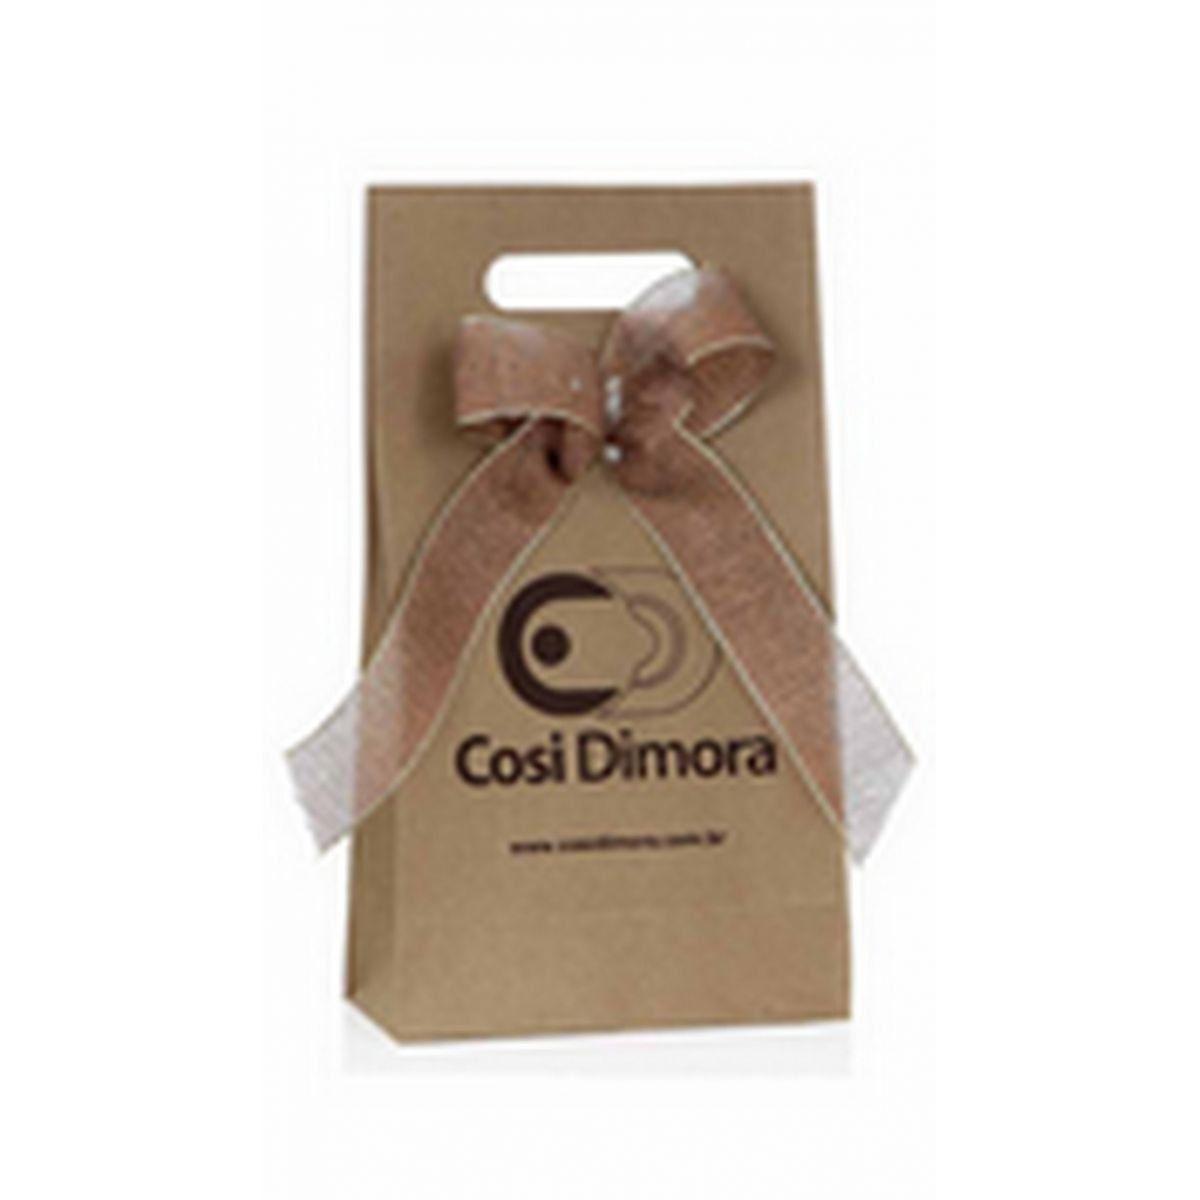 Odorizador com Varetas para Ambientes Pêssego Essência Importada 250ml Cosi Dimora